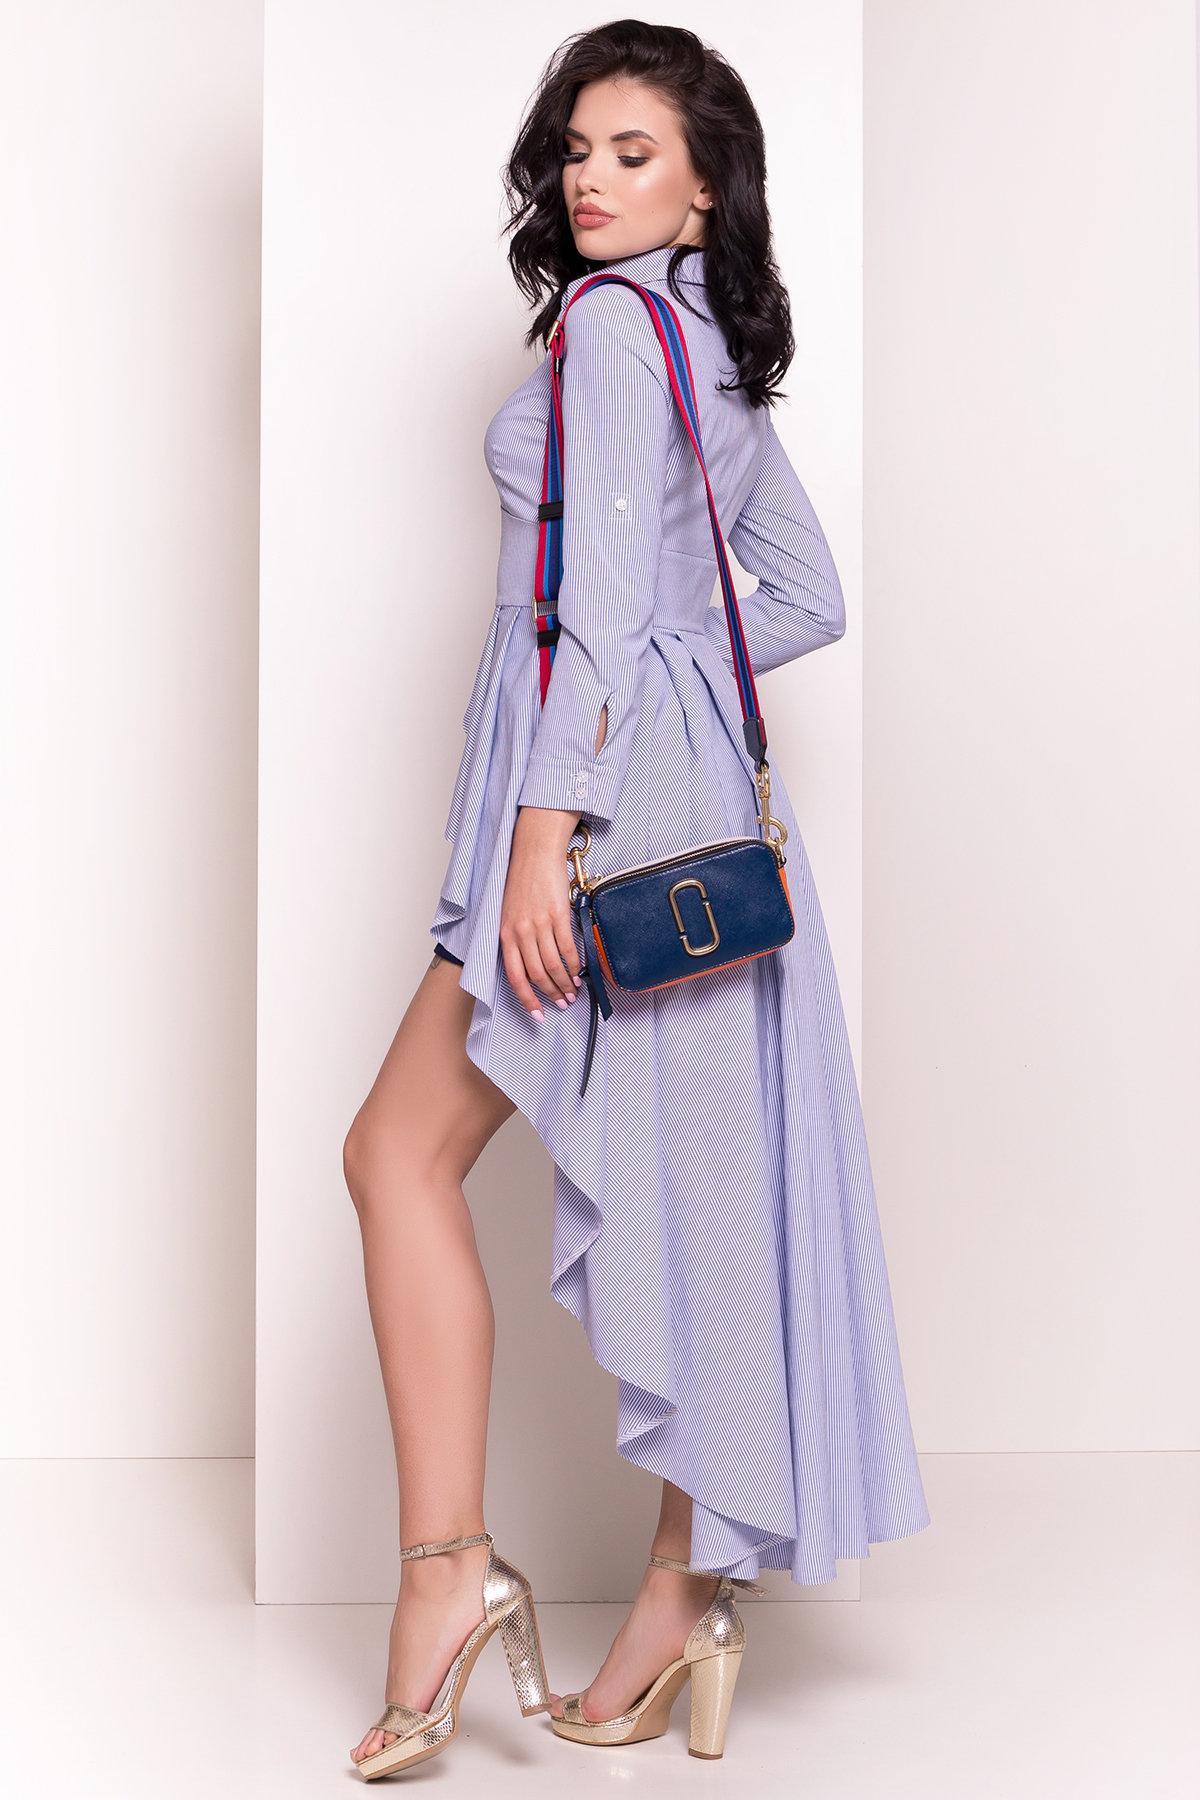 Платье-туника Феникс 5078 АРТ. 35630 Цвет: Темно-синий/белый - фото 5, интернет магазин tm-modus.ru